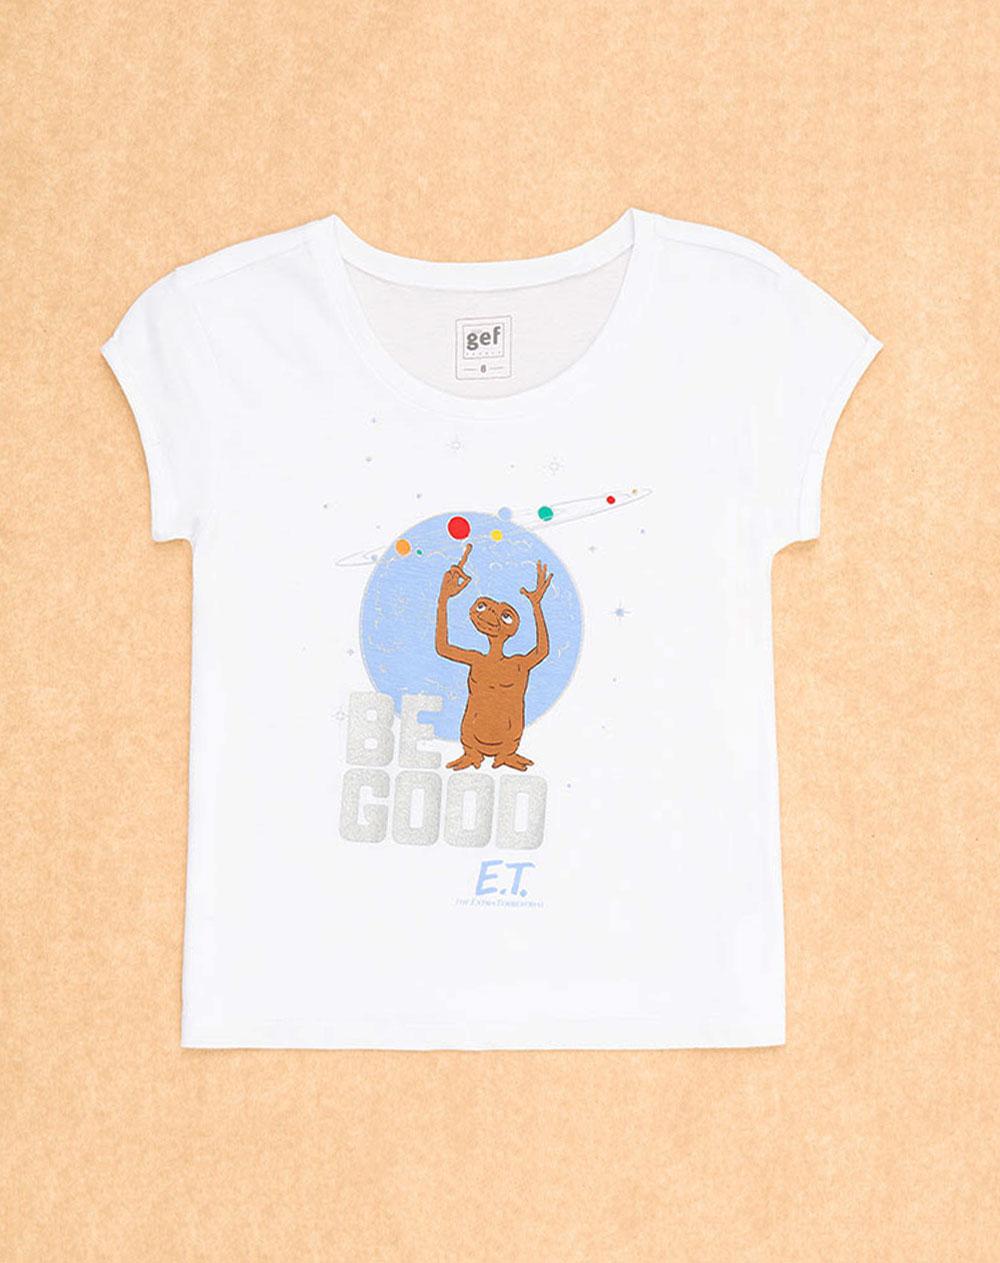 ec00a3633 Camisetas para Niña Gef